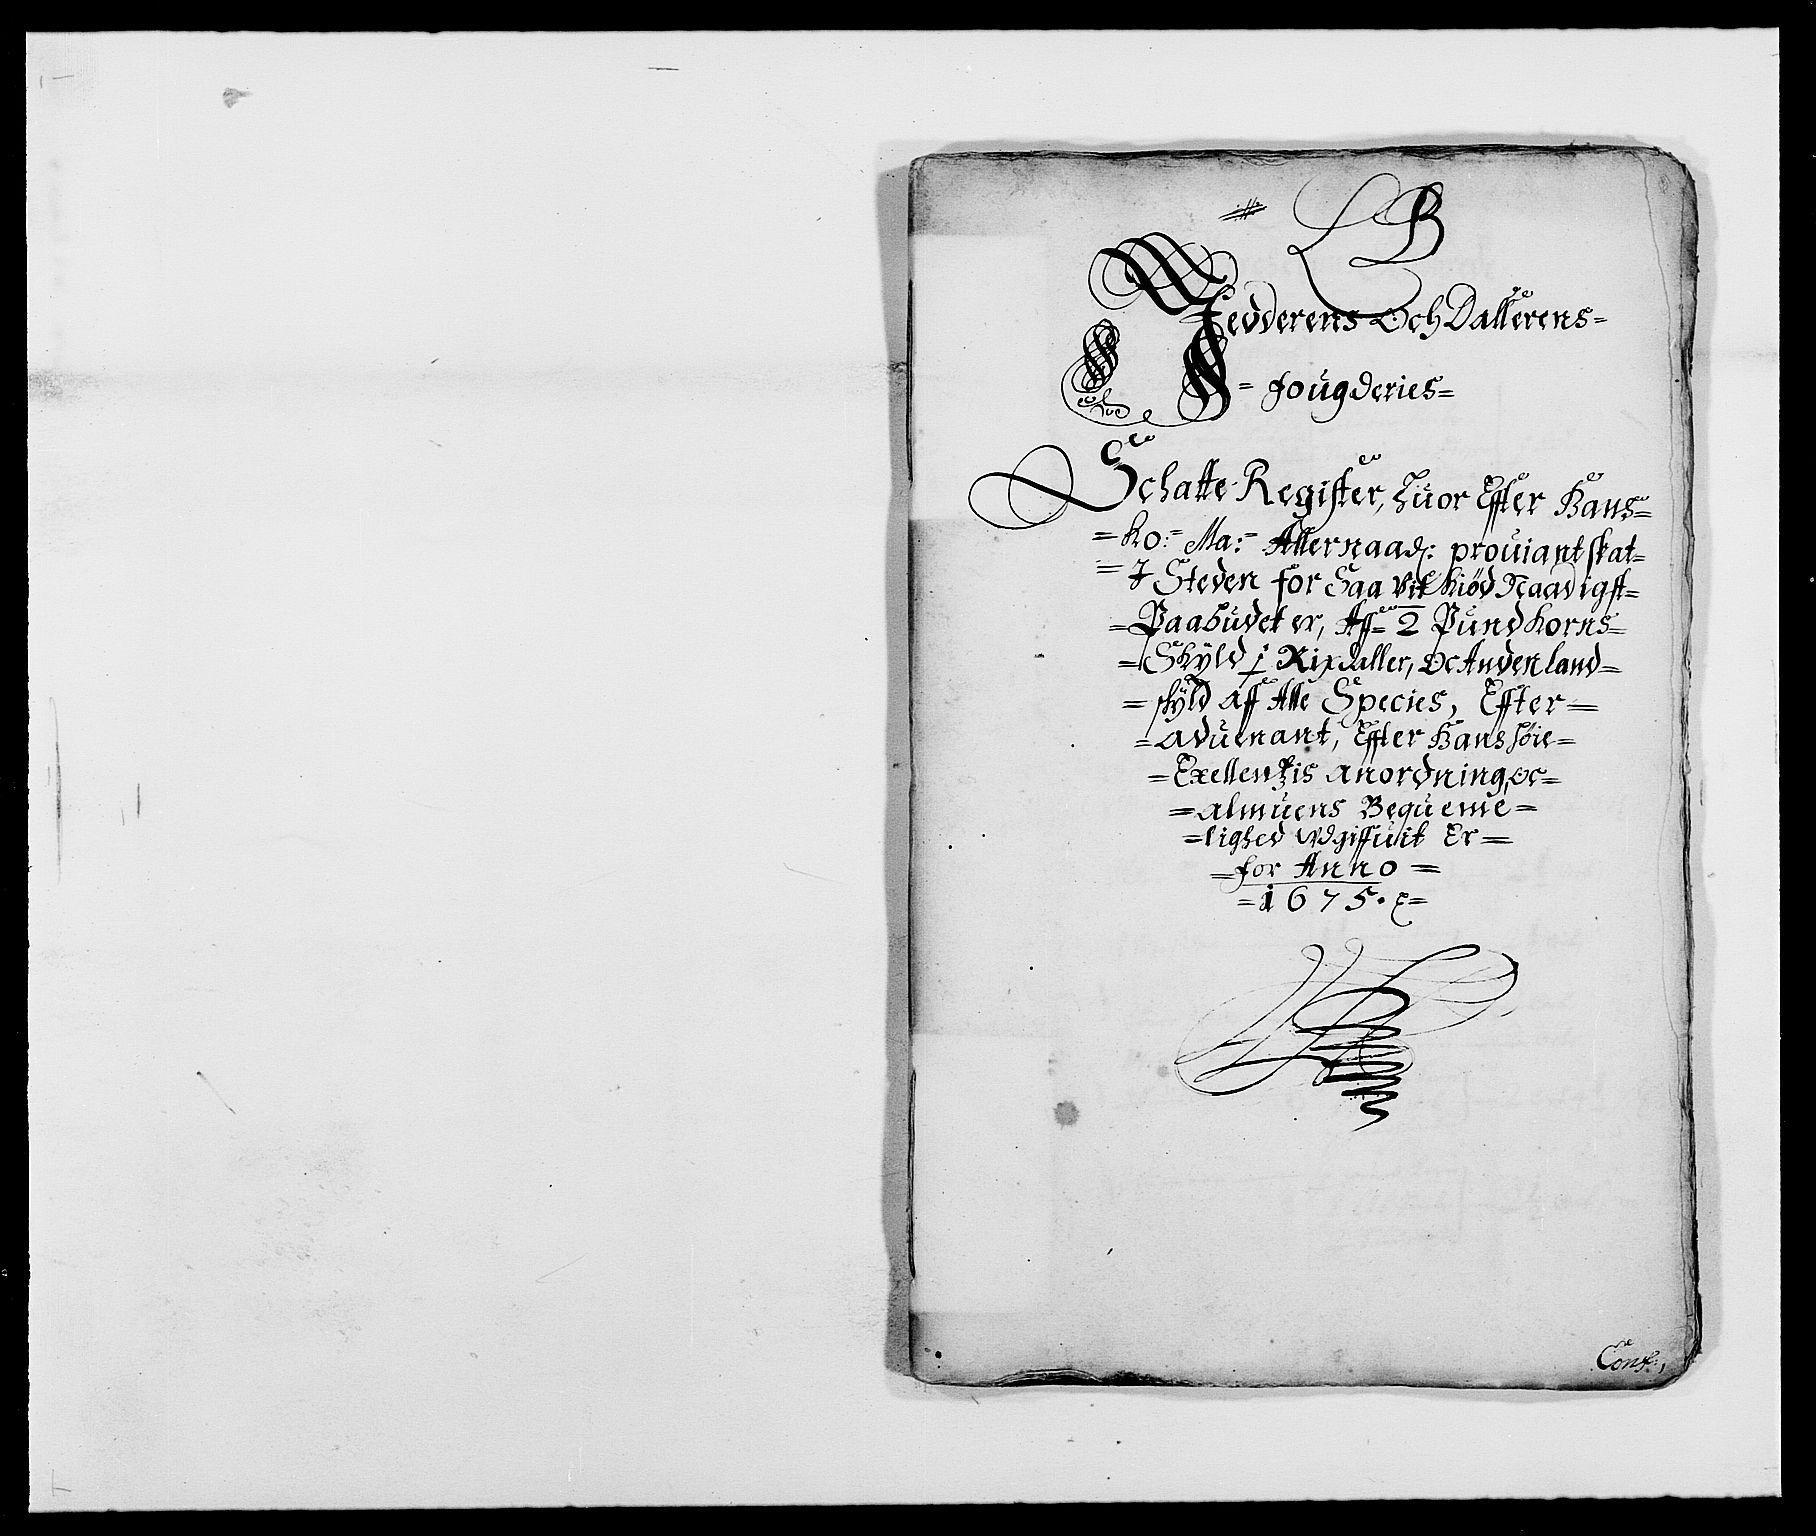 RA, Rentekammeret inntil 1814, Reviderte regnskaper, Fogderegnskap, R46/L2715: Fogderegnskap Jæren og Dalane, 1675, s. 69